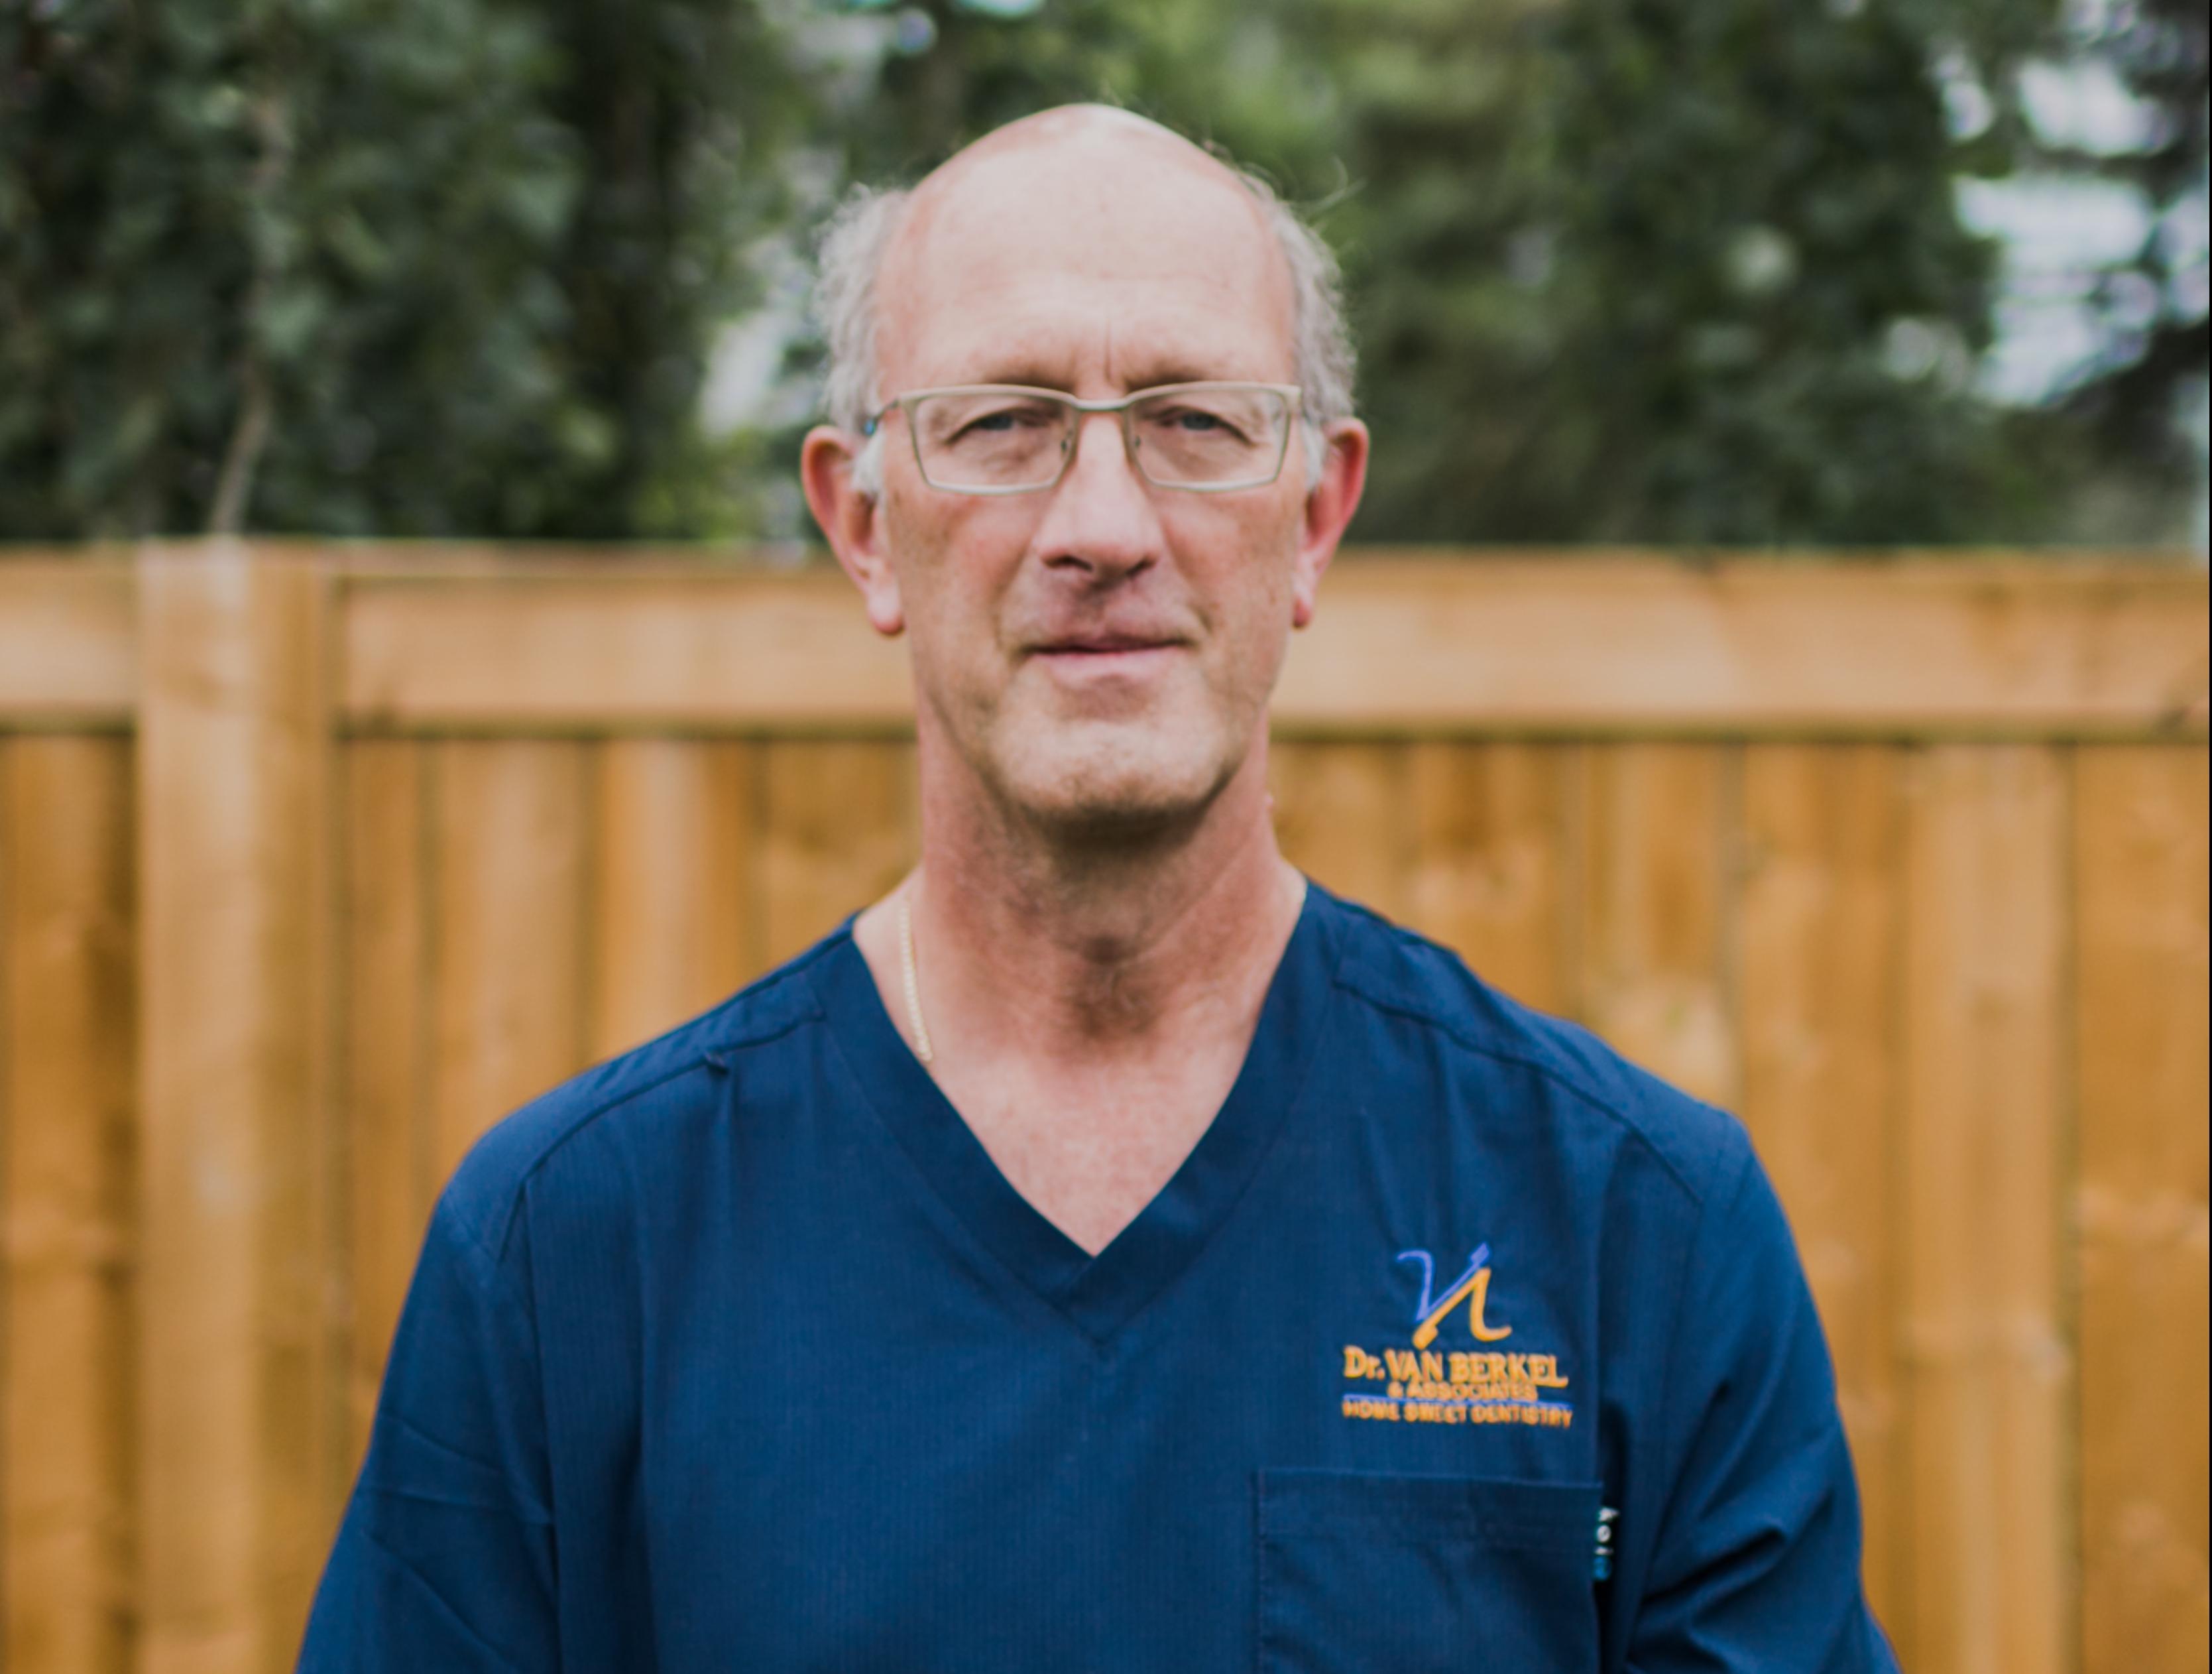 Dr. Daniel Van Berkel